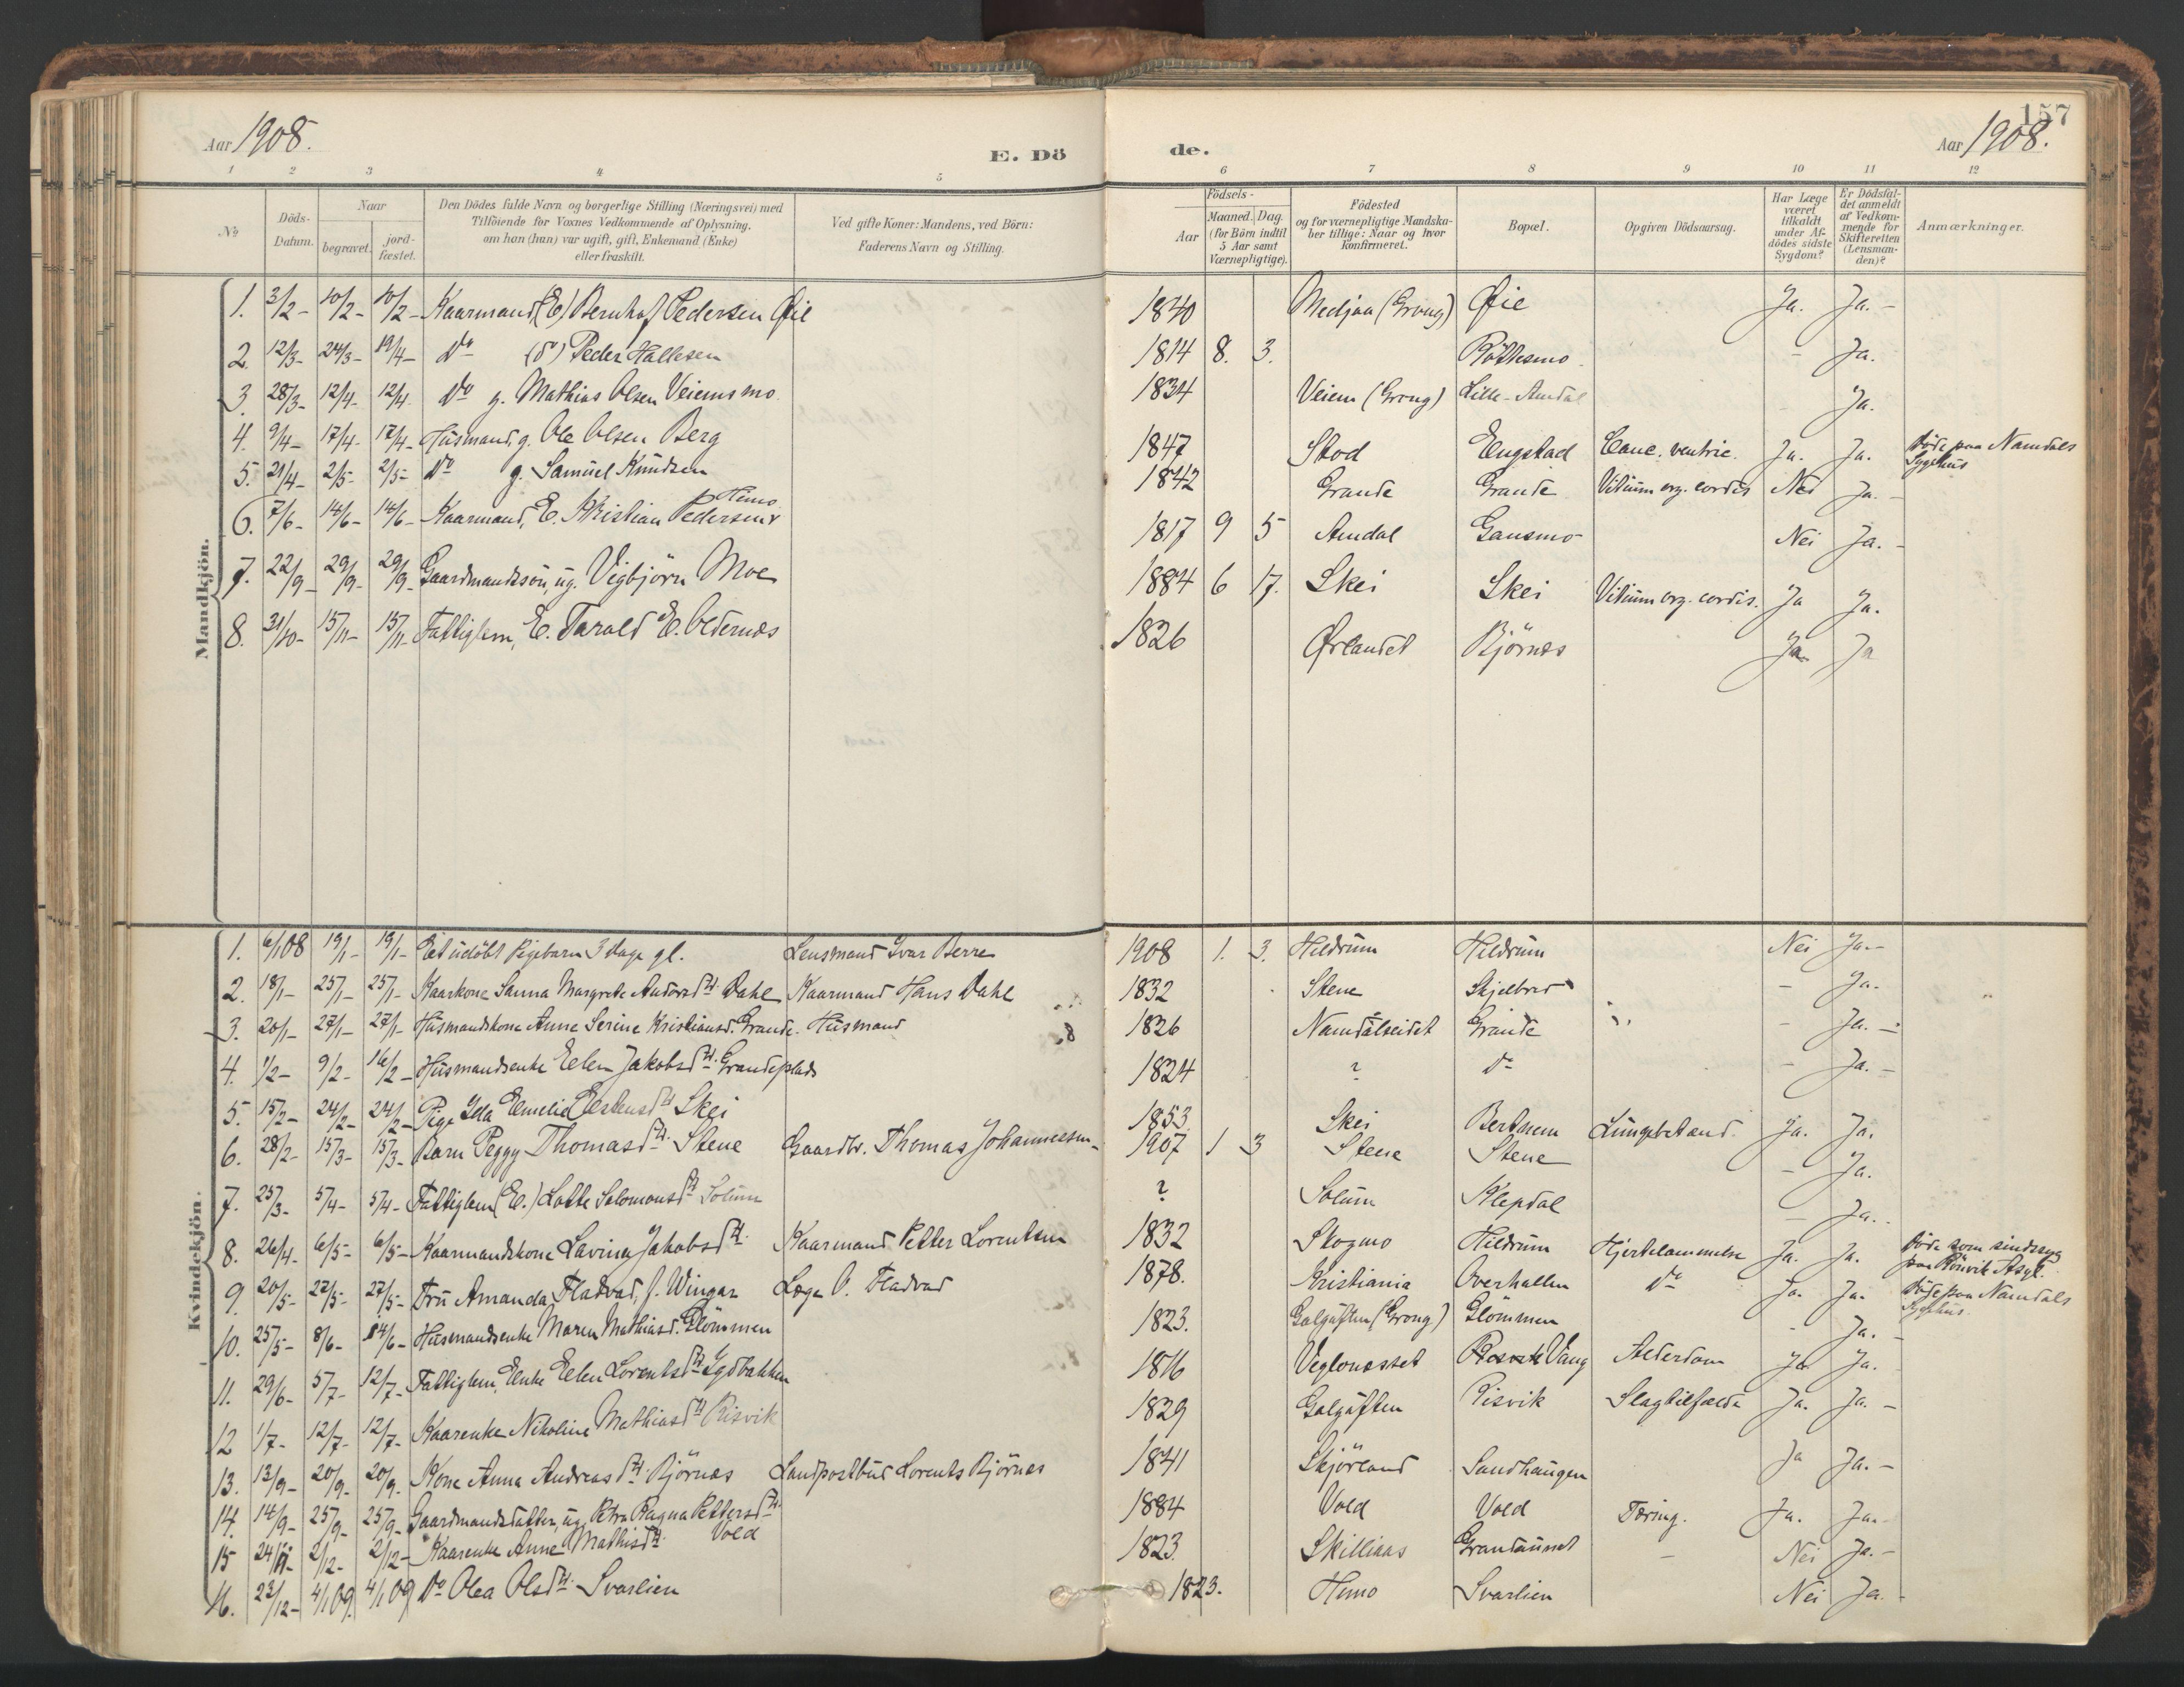 SAT, Ministerialprotokoller, klokkerbøker og fødselsregistre - Nord-Trøndelag, 764/L0556: Ministerialbok nr. 764A11, 1897-1924, s. 157